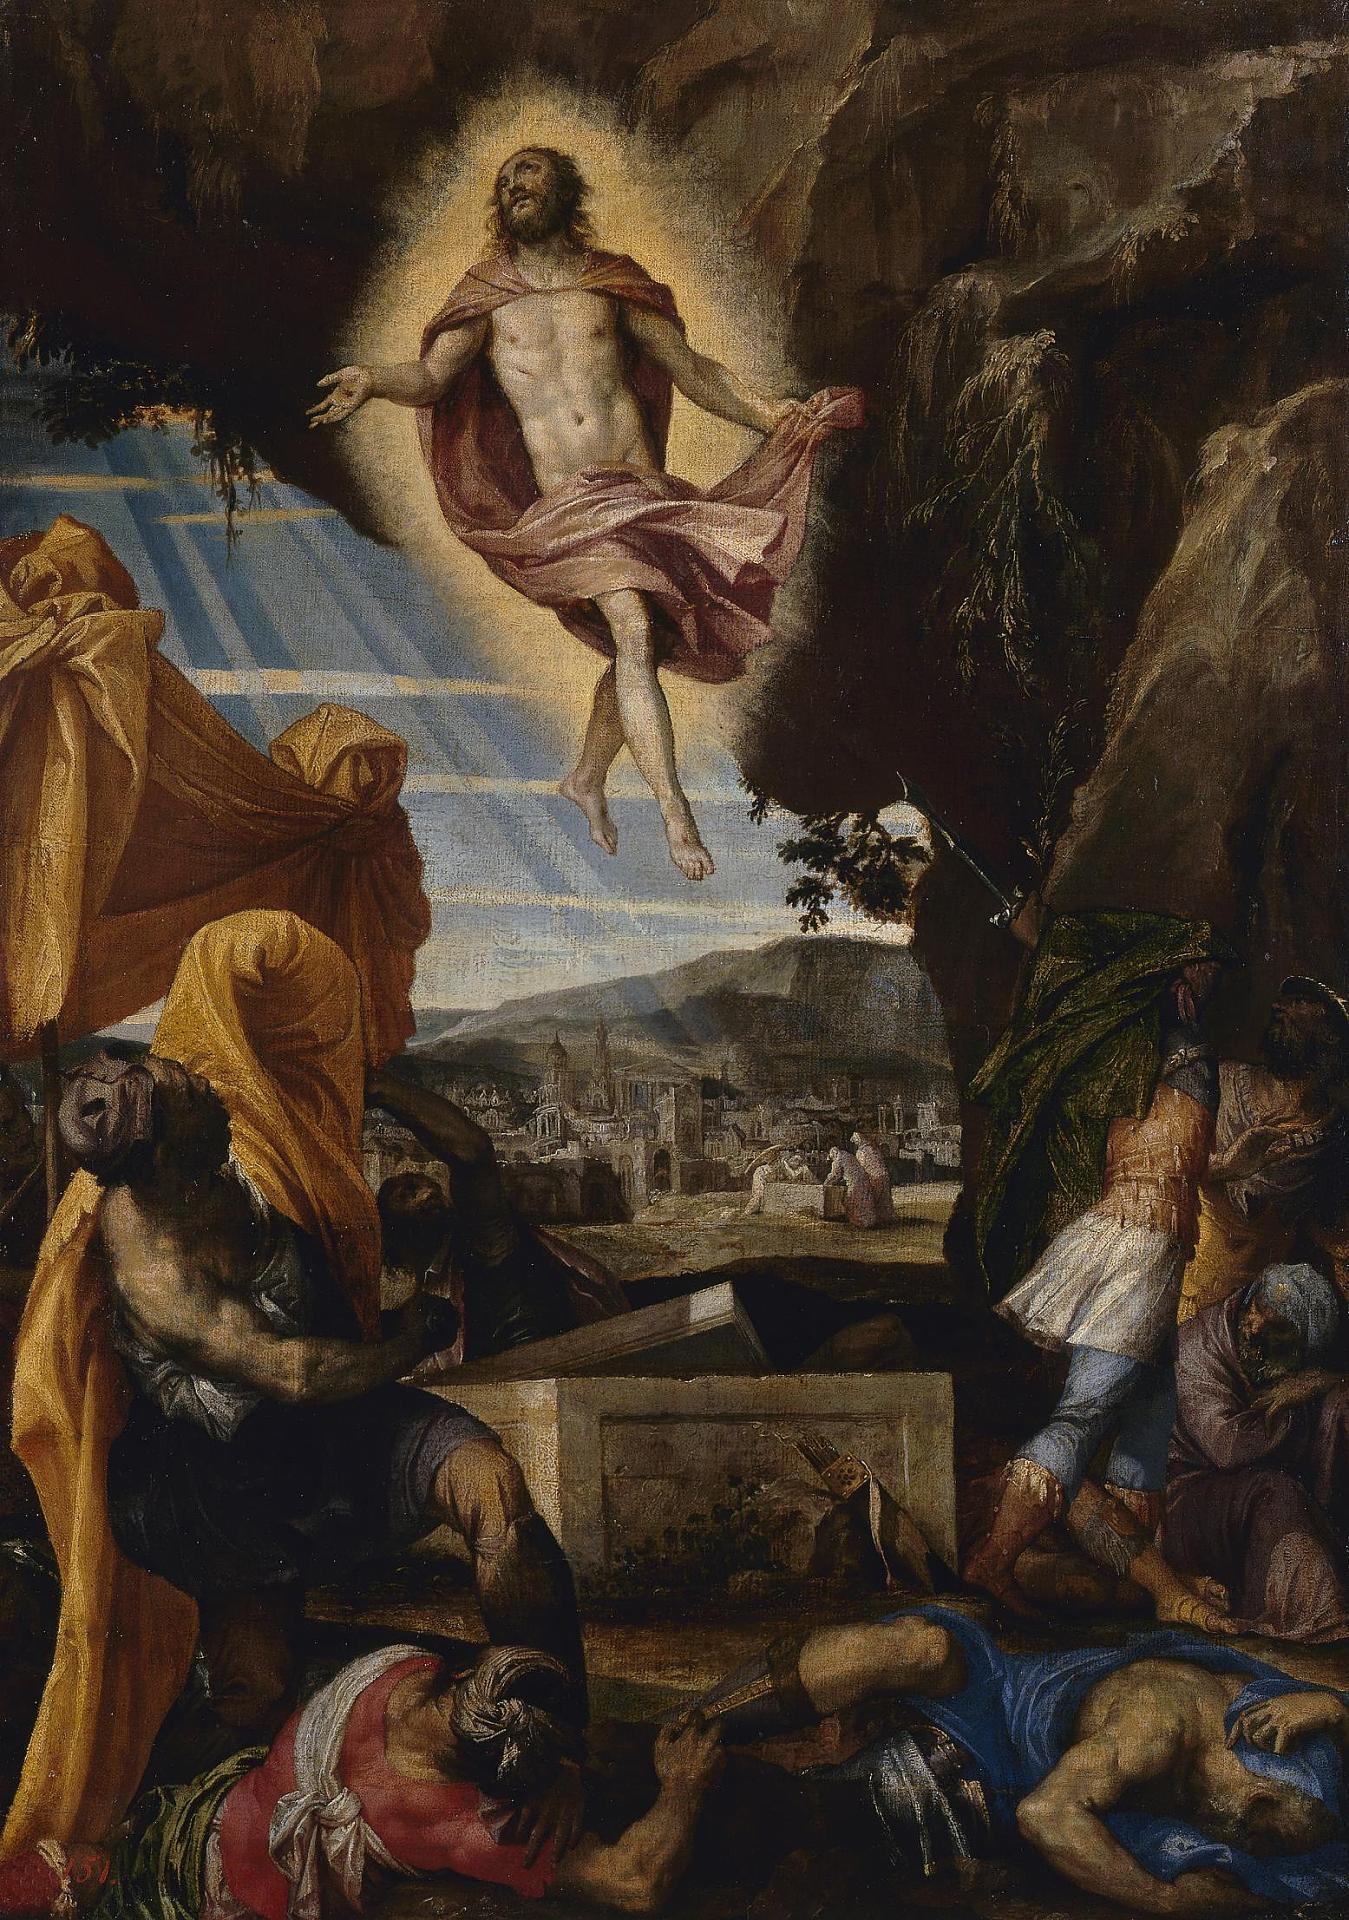 Воскресение Христа Веронезе Эрмитаж